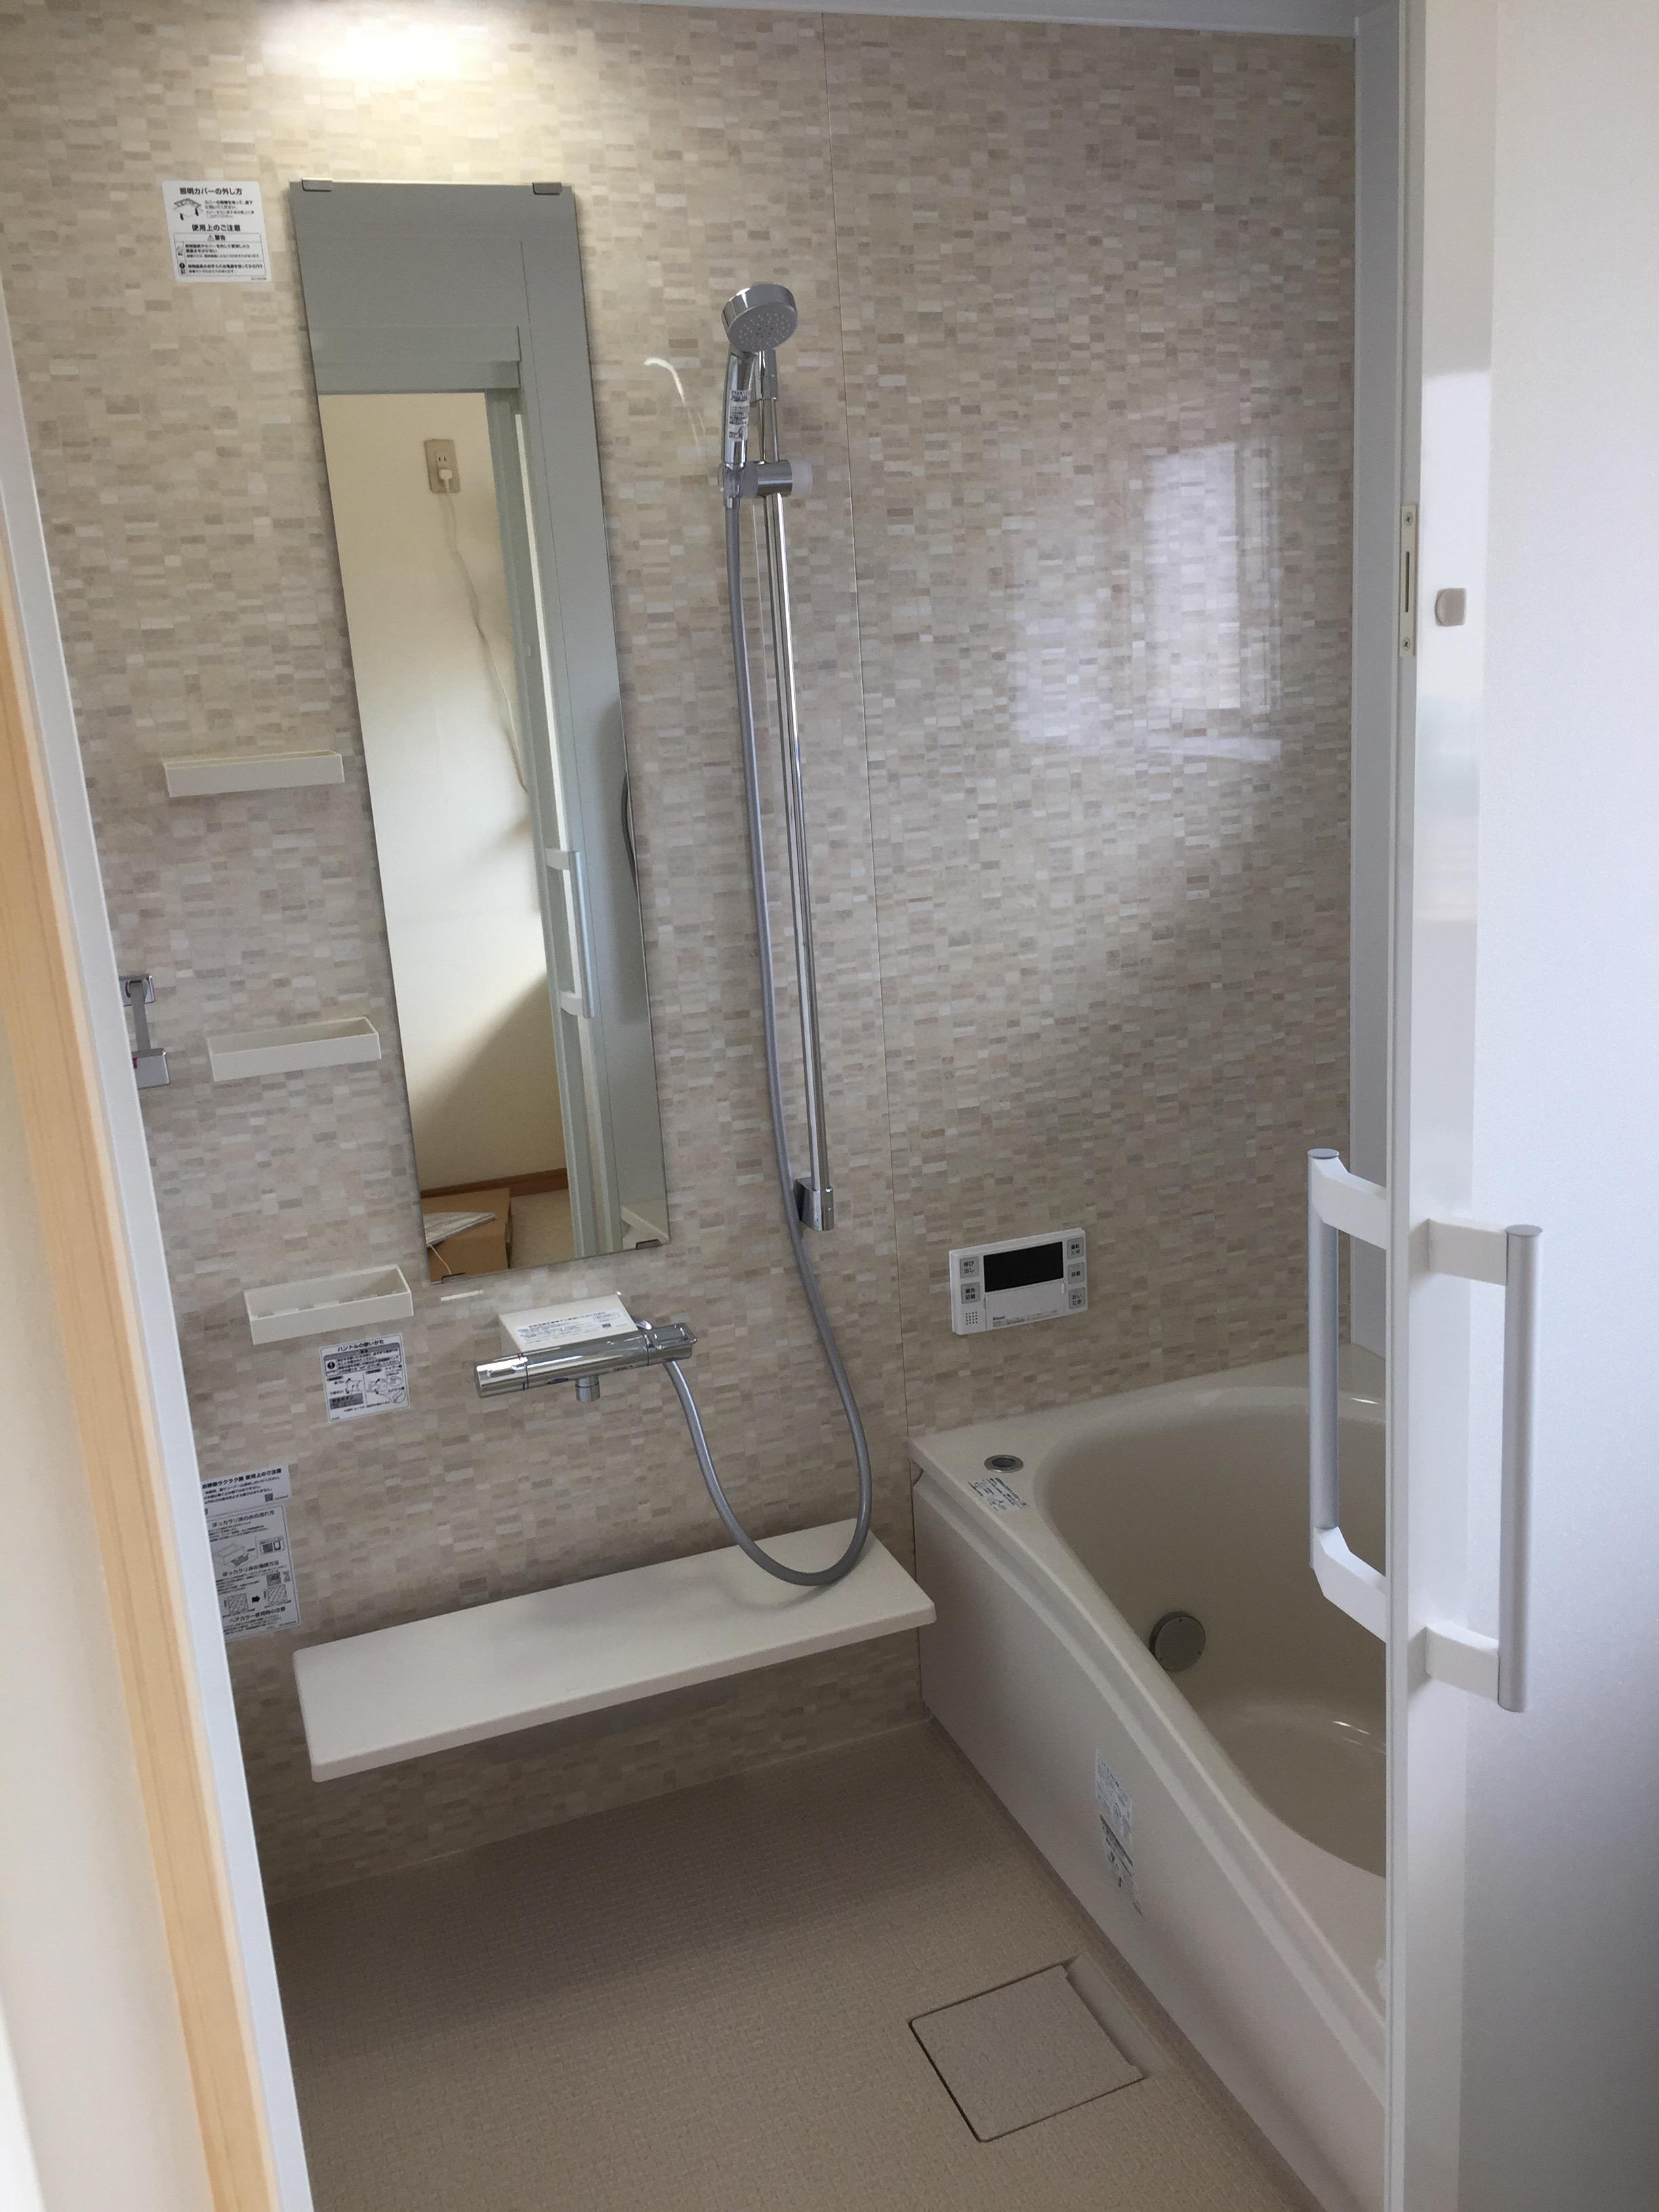 西条市 タイル貼り浴室からユニットバスへリフォーム 施工後2